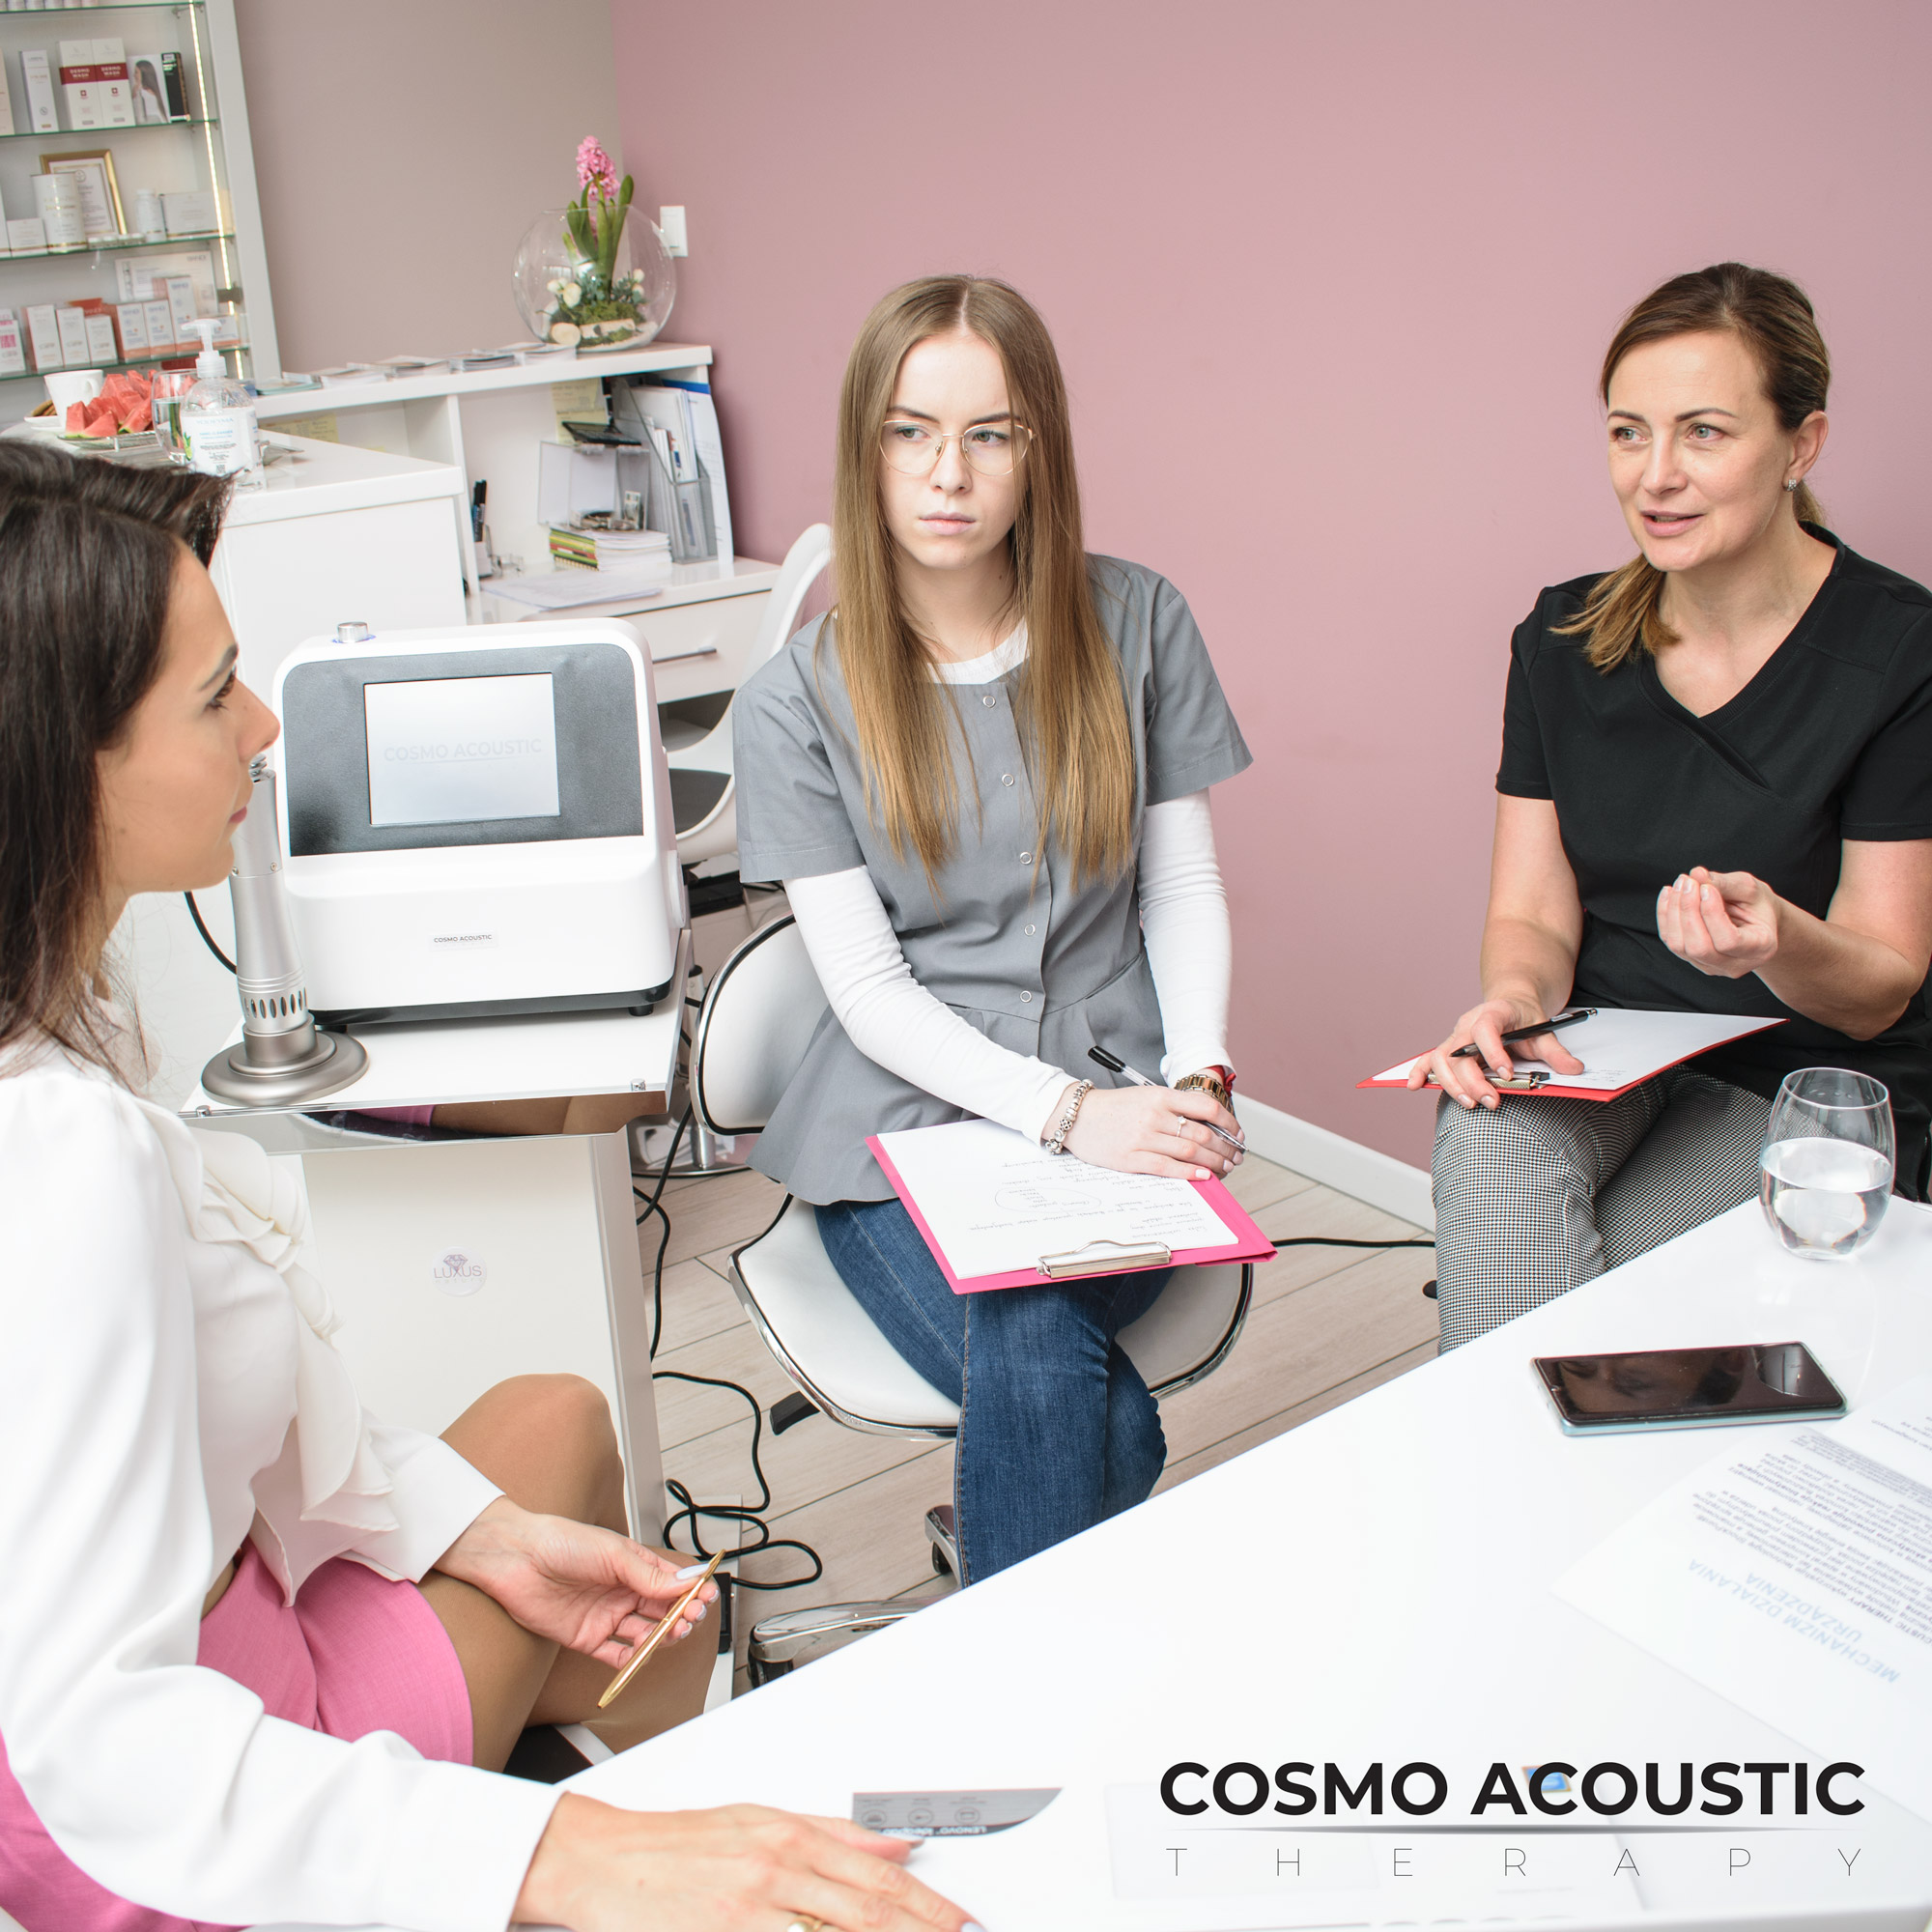 Szkolenie z obsługi kombajnu jest zawarte w cenie produktu Cosmo Acoustic Therapy